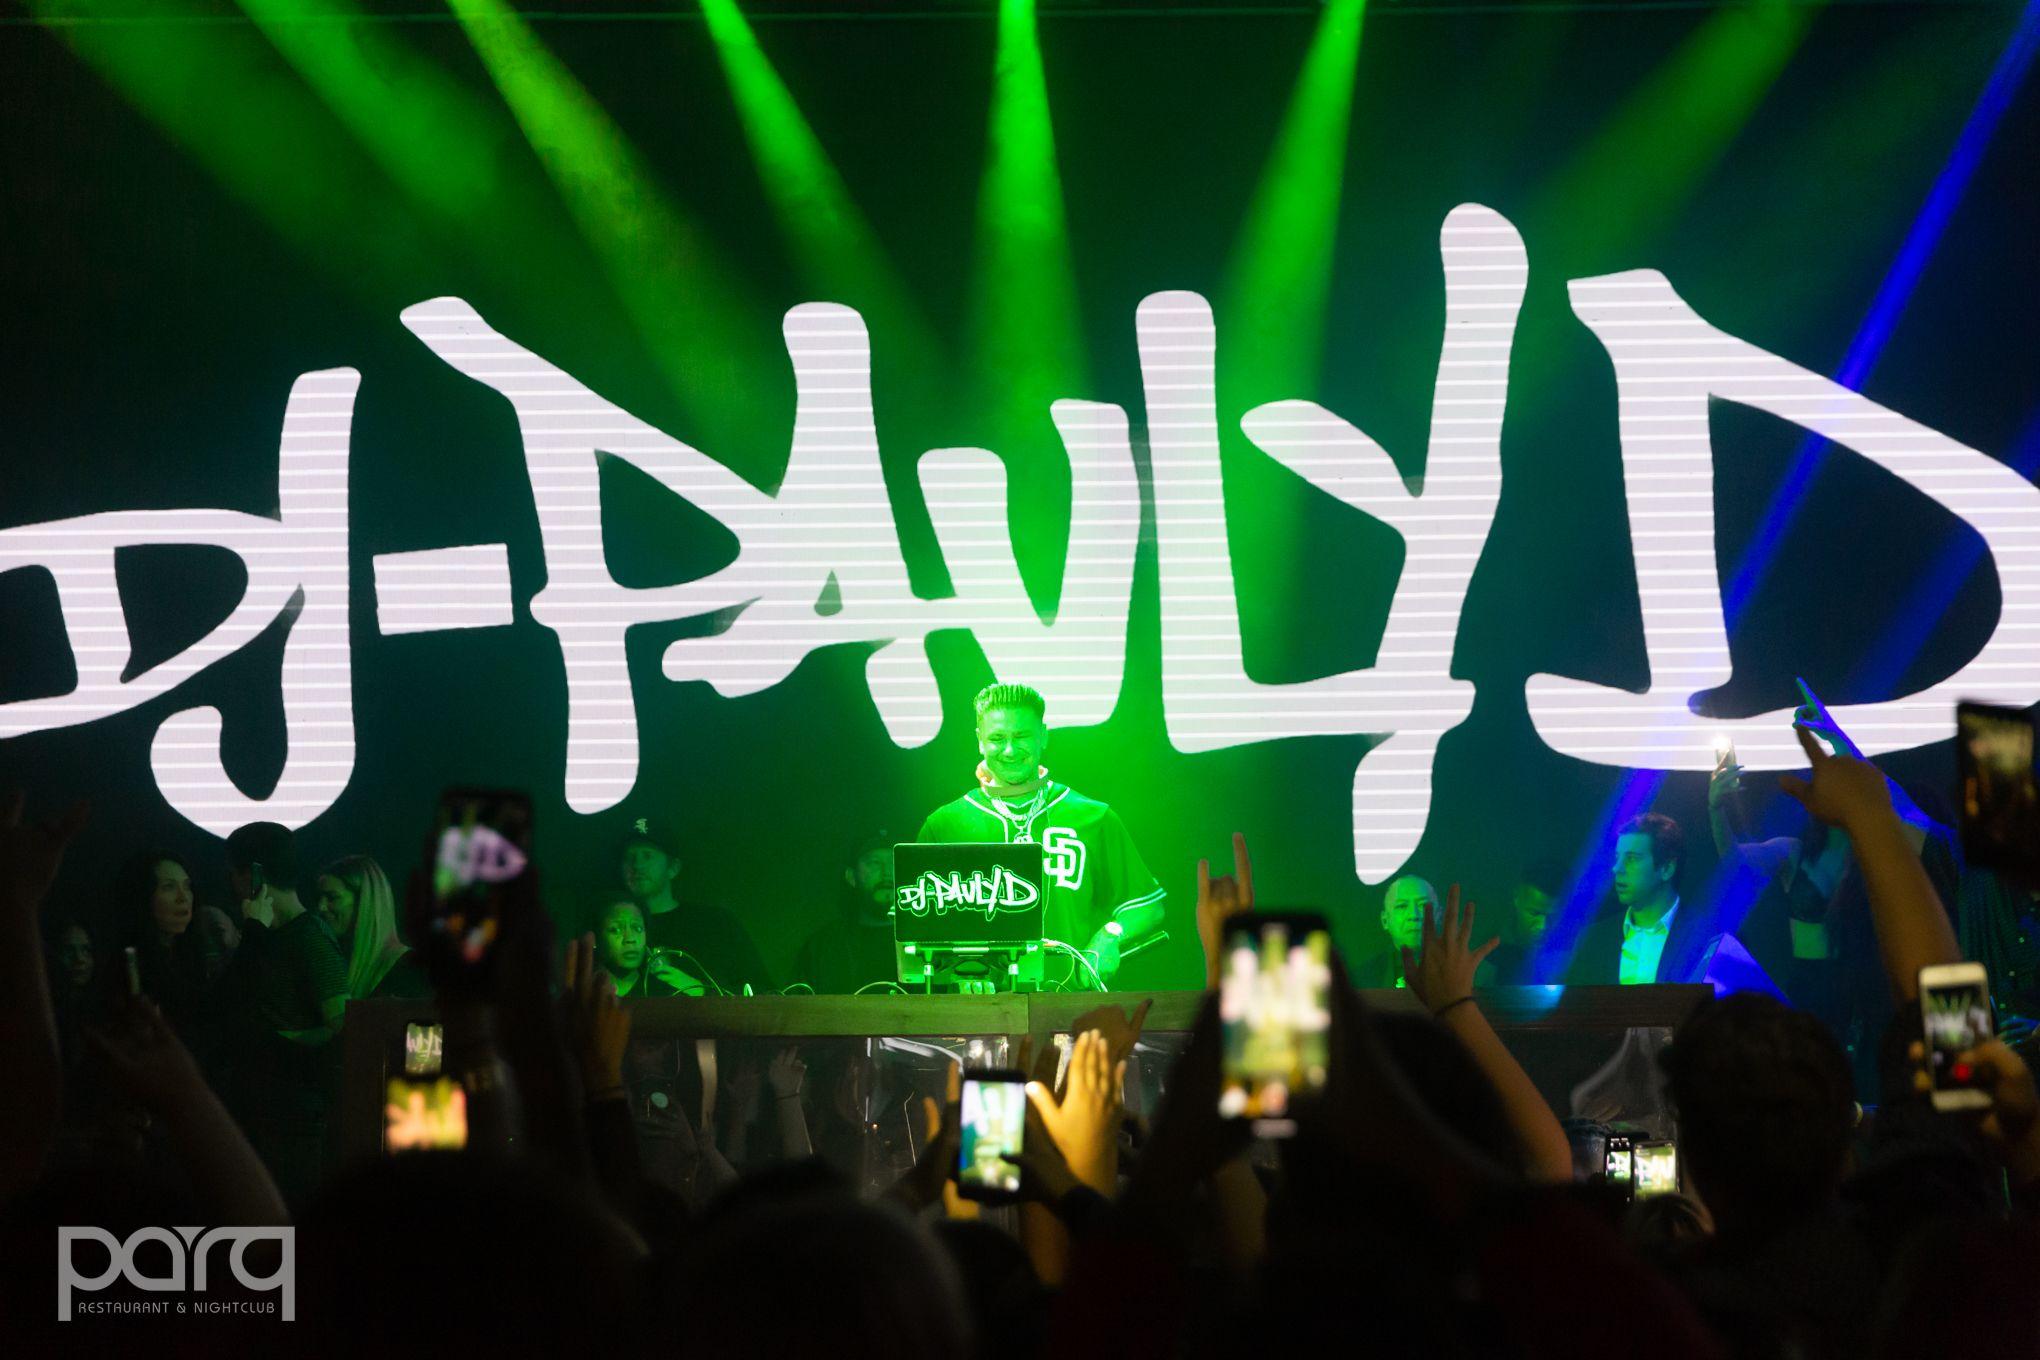 11.16.19 Parq - Pauly D-1.jpg